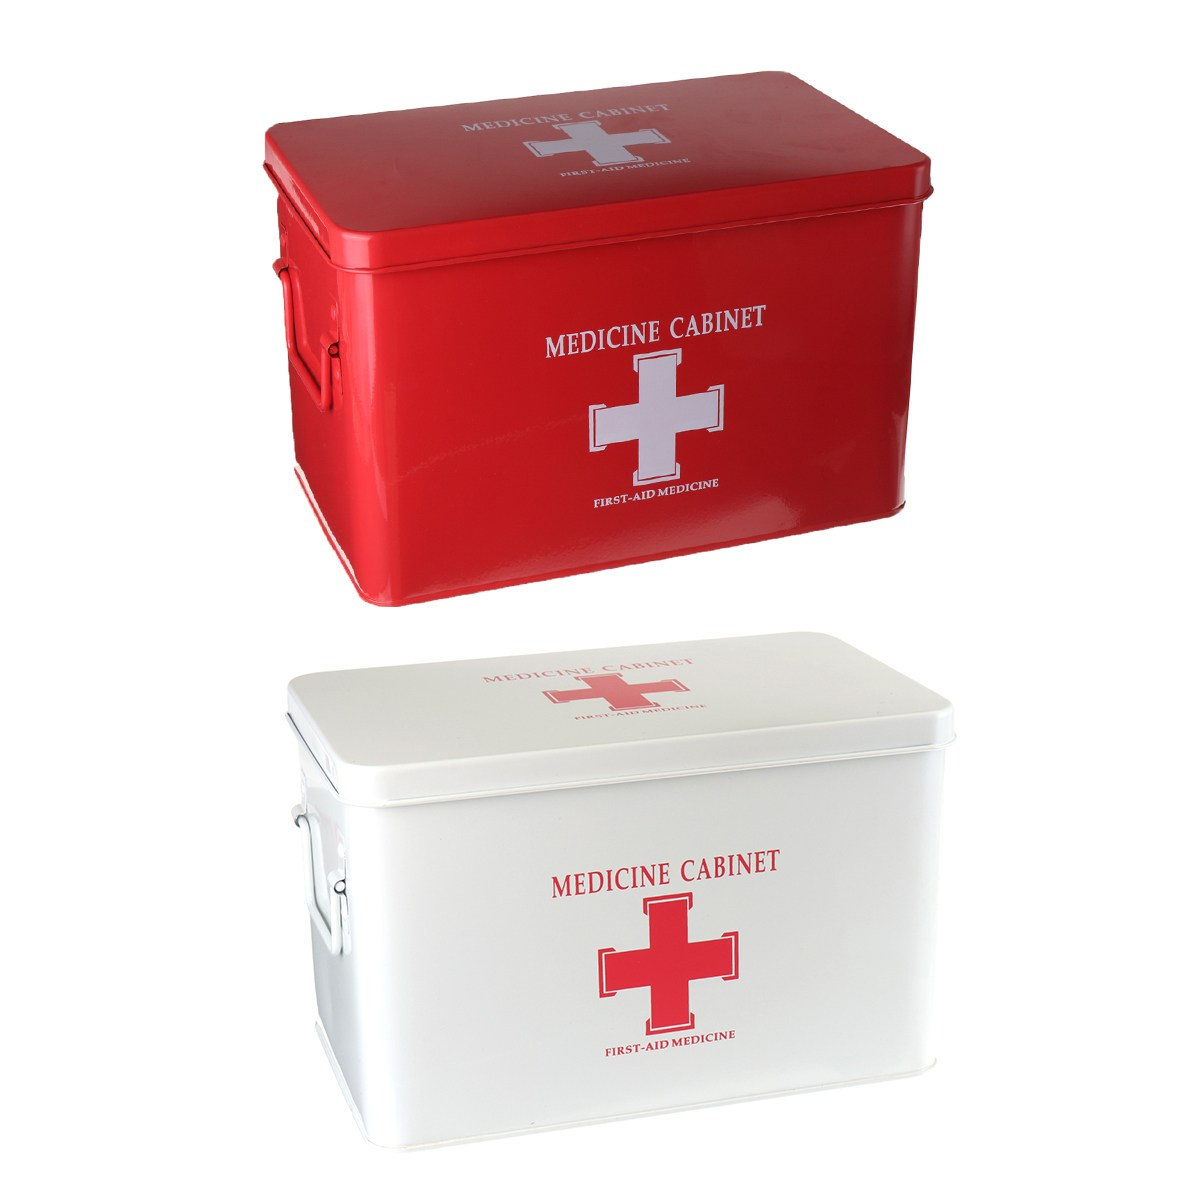 Armoire à pharmacie en métal de sécurité multi-couches boîte familiale boîte de rangement de premiers secours stockage Kits d'urgence de collecte médicale